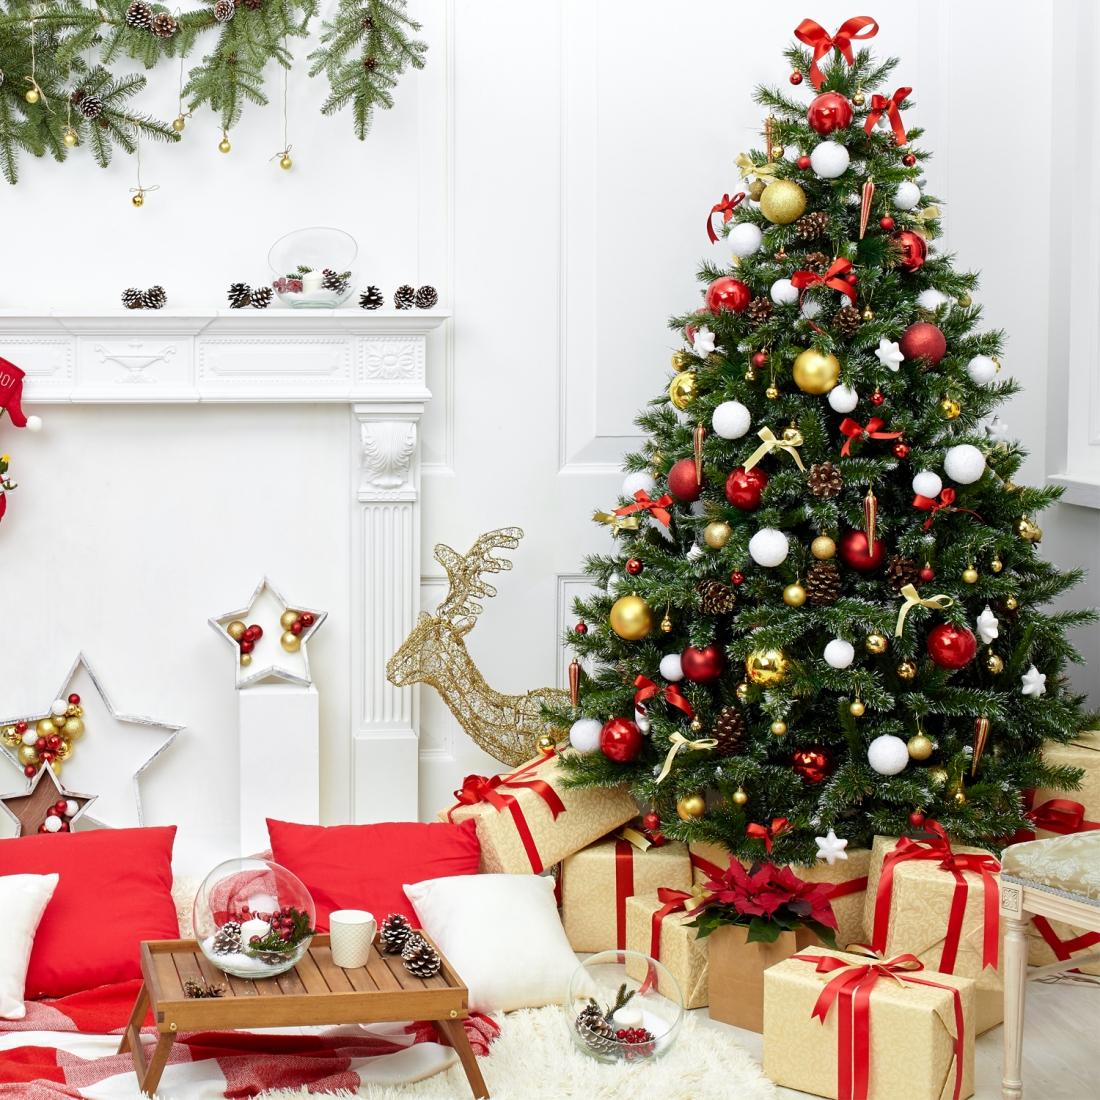 Alberi Di Natale Addobbati Foto.Stili Per Addobbare L Albero Di Natale